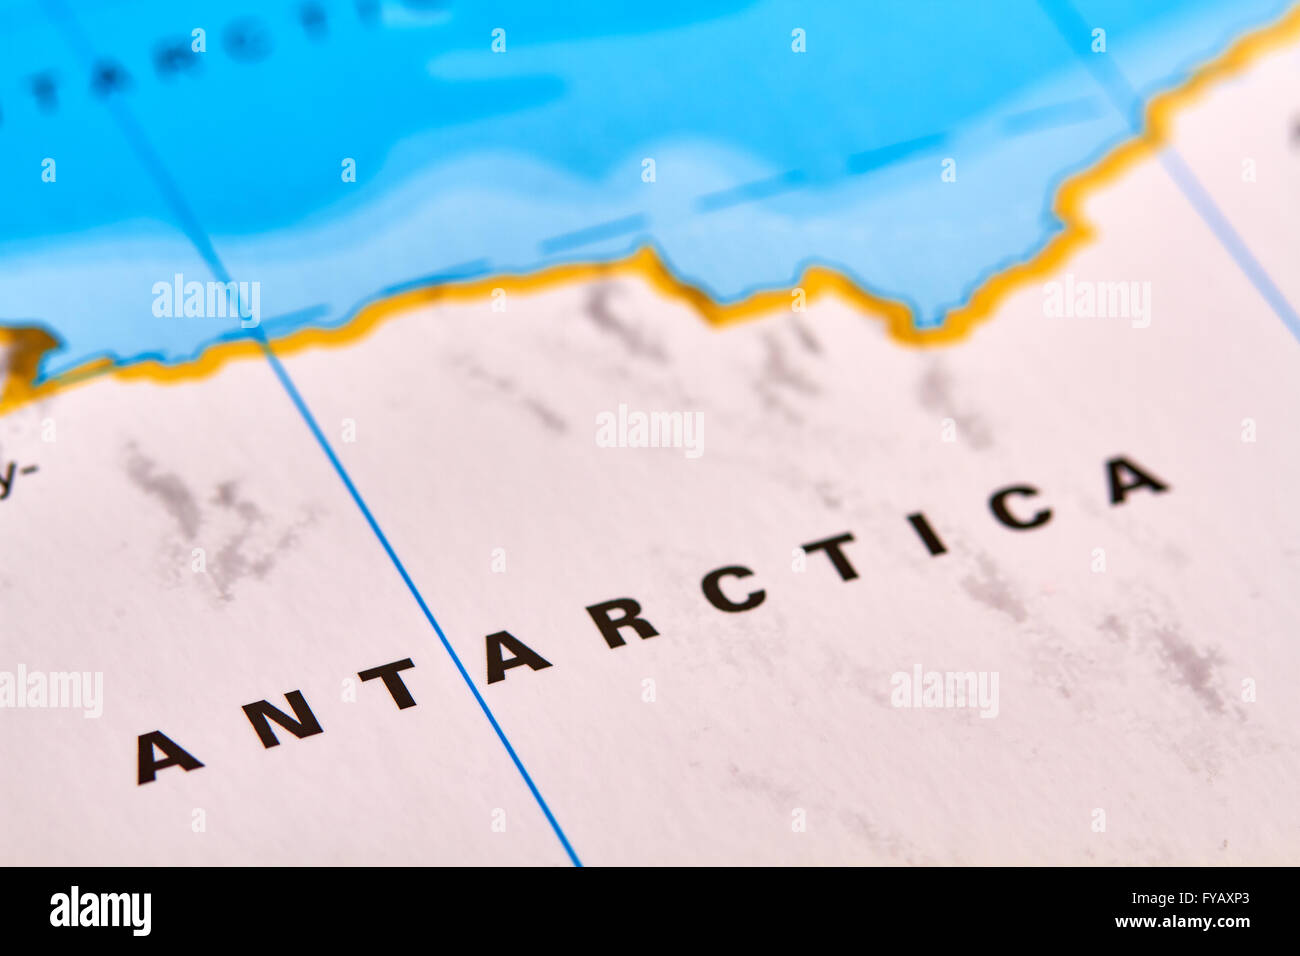 Antarktis Kontinent auf der Weltkarte Stockbild